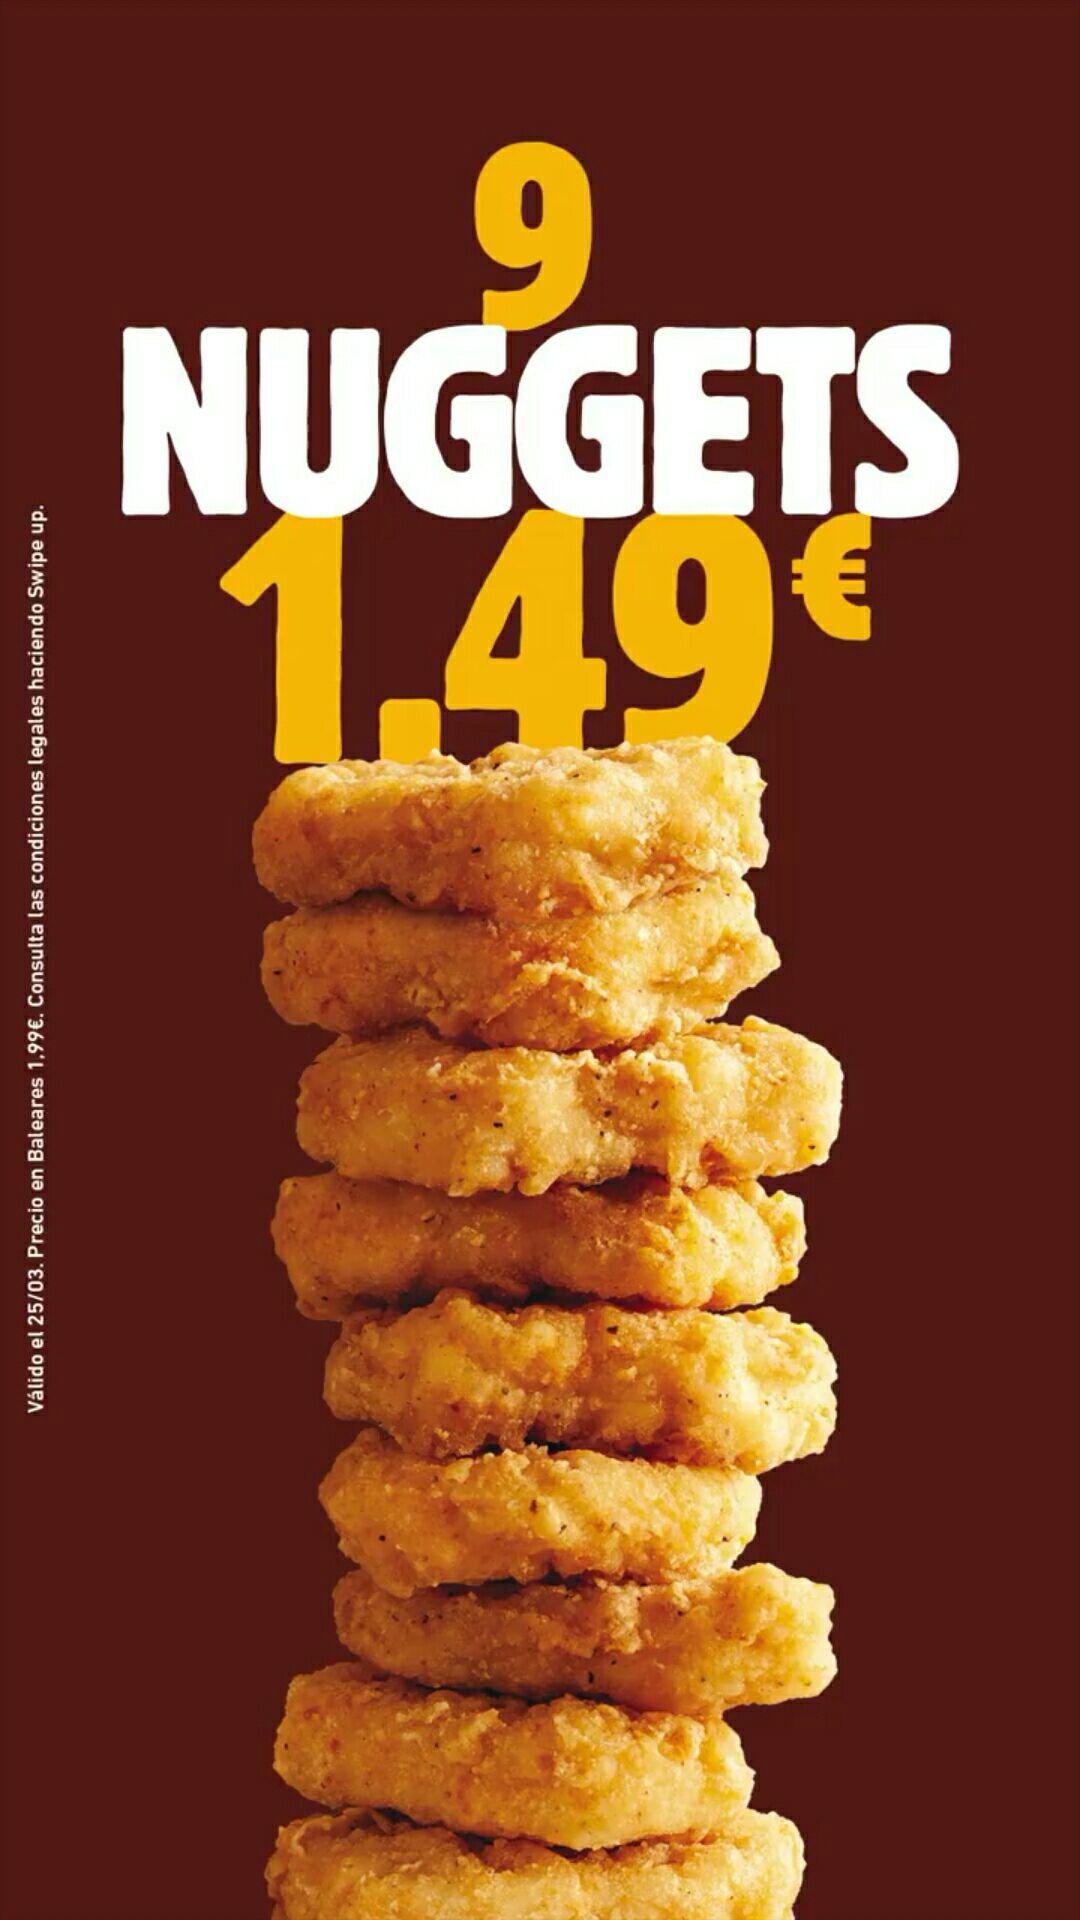 9 nuggets por 1,49€ en Burger King